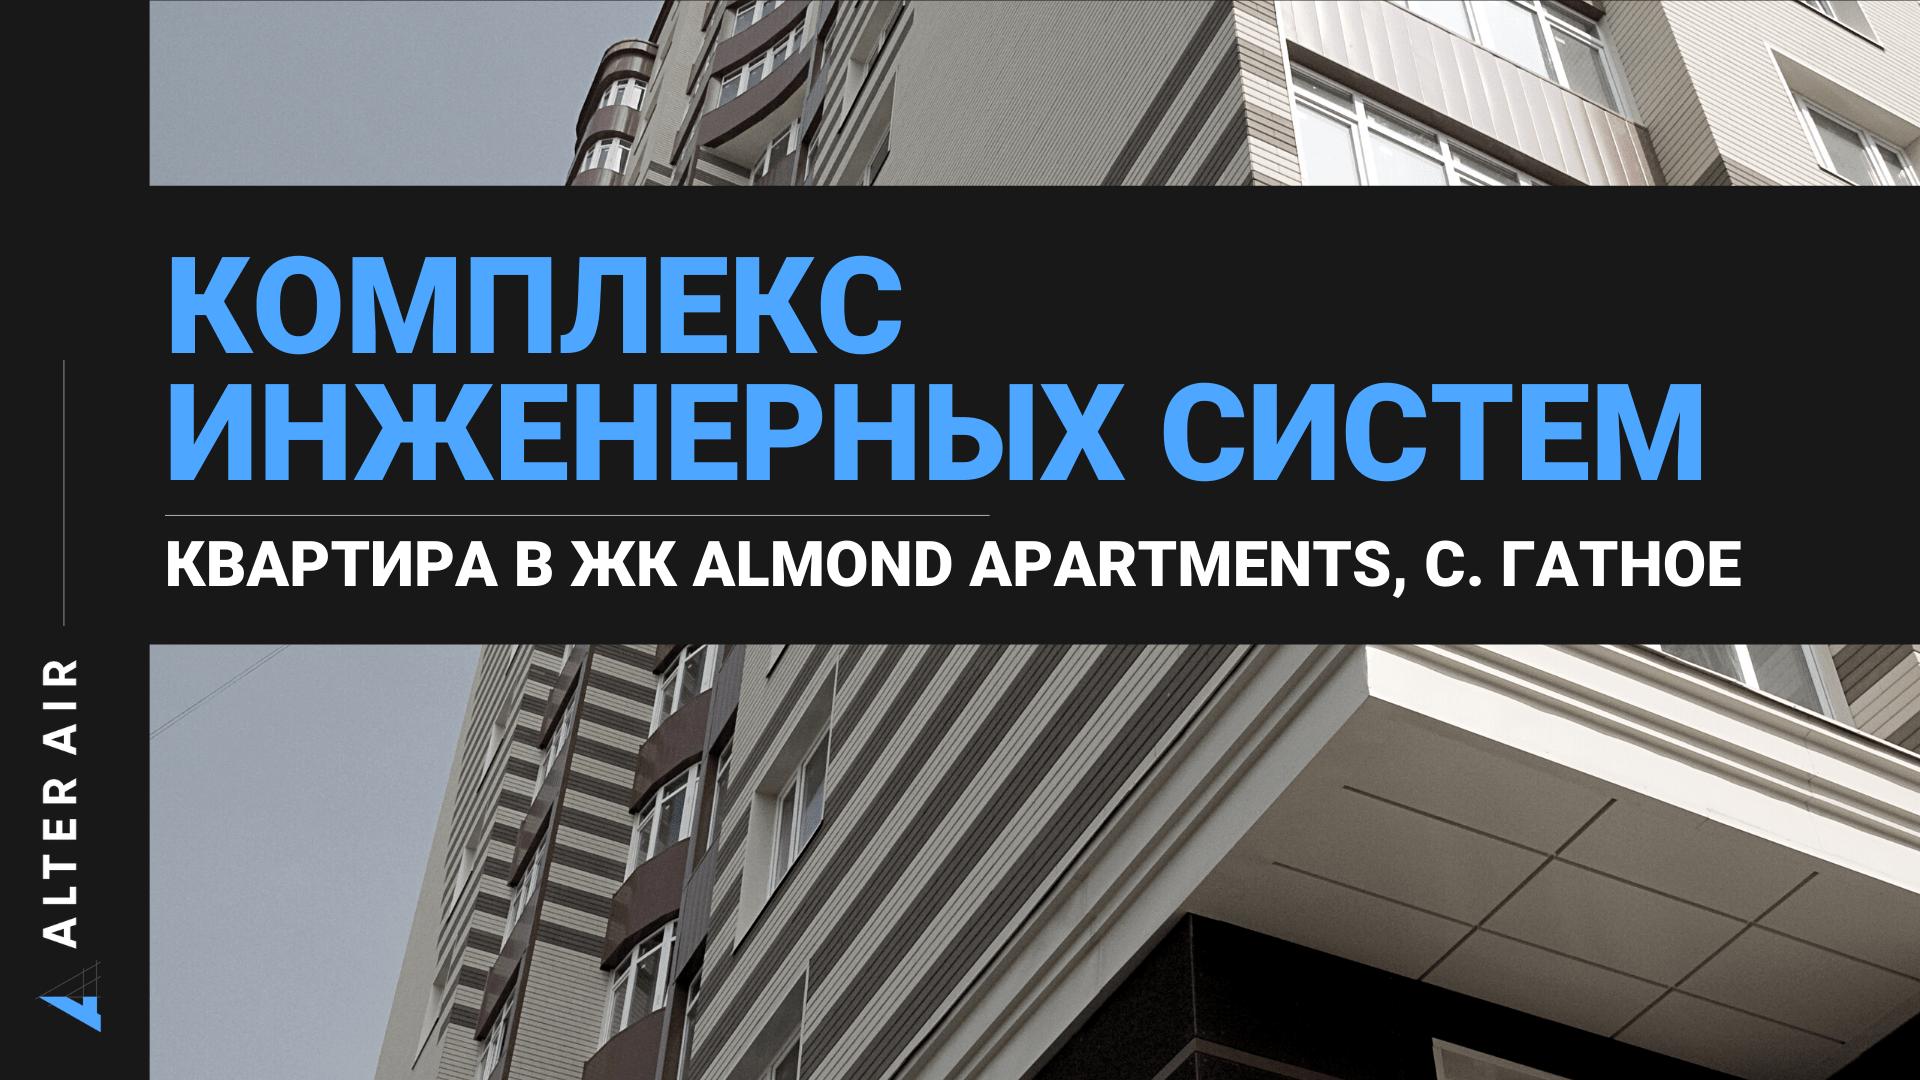 Опалення, водопостачання та каналізація для дворівневої квартири в ЖК Almond Apartments